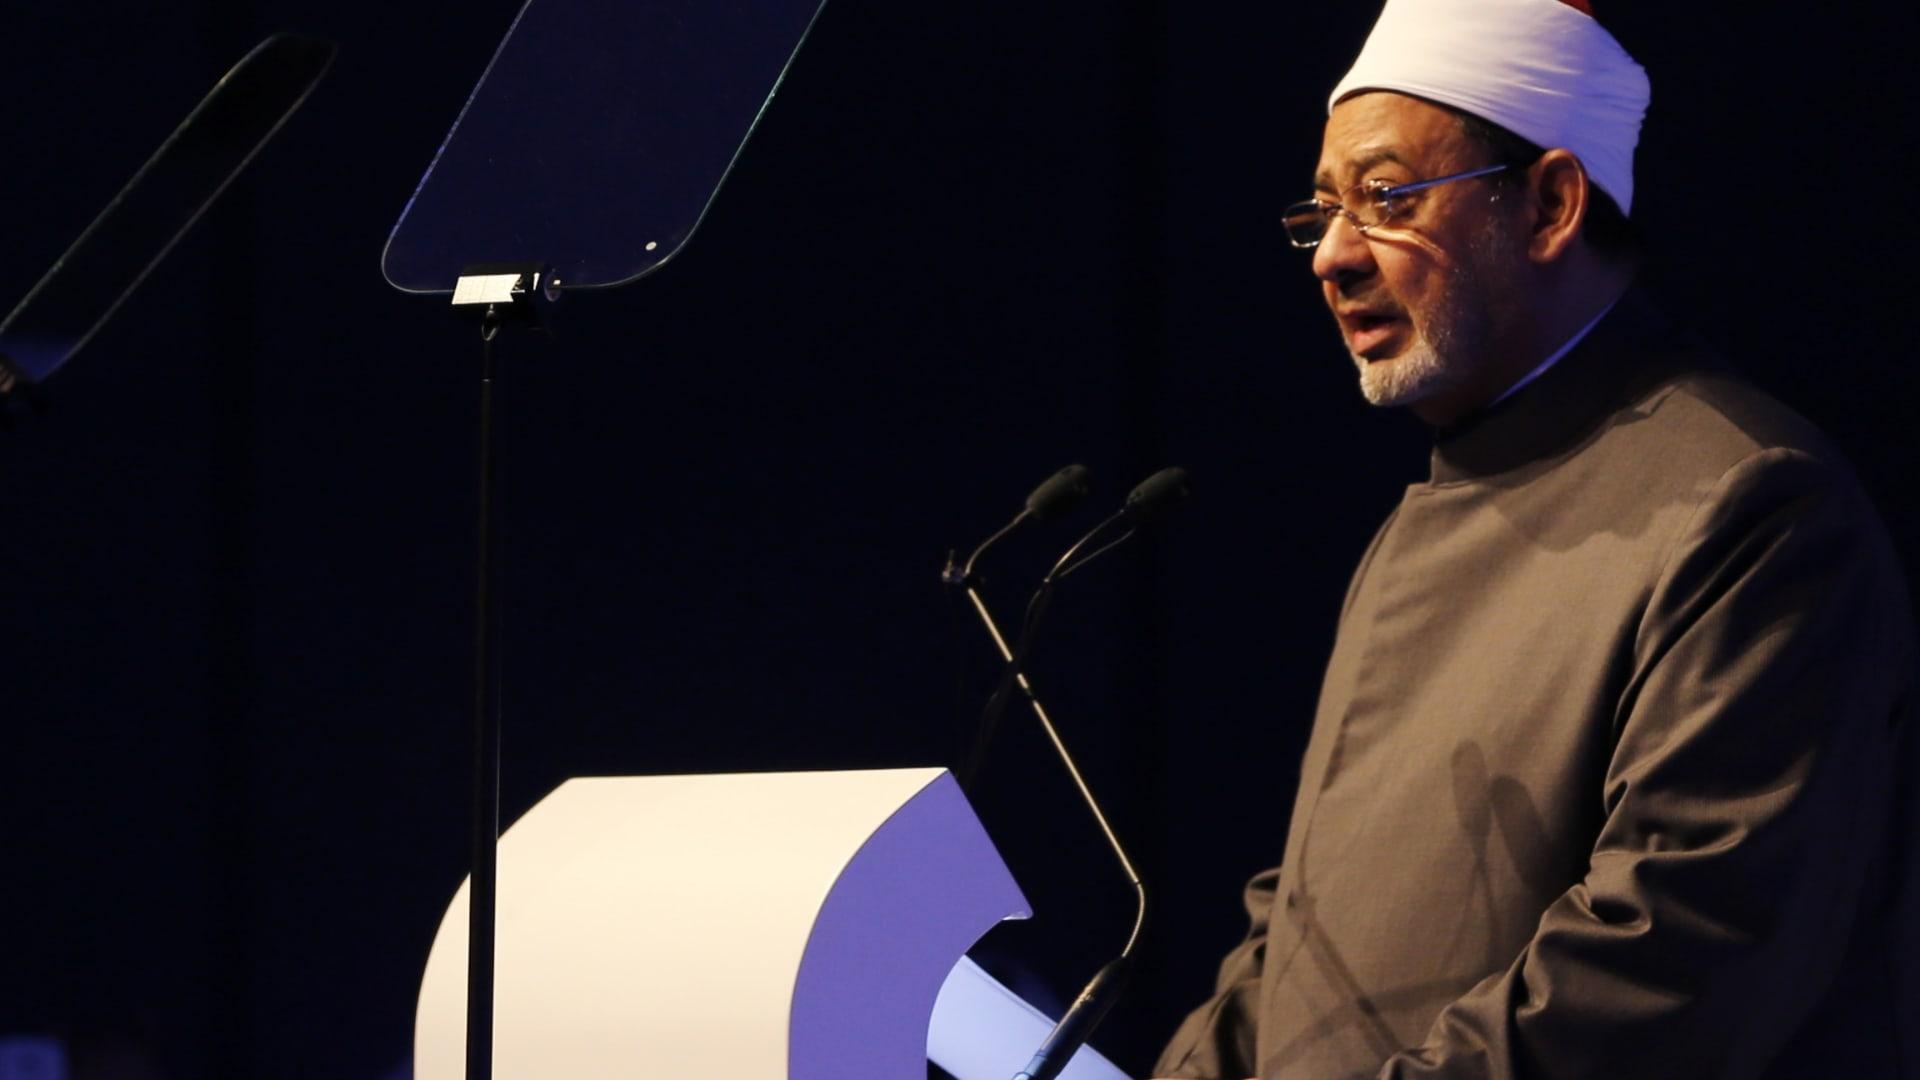 الأزهر يعلن تأييده لموقف السيسي من ليبيا.. ودار الإفتاء: لا حياد وقت الأزمات